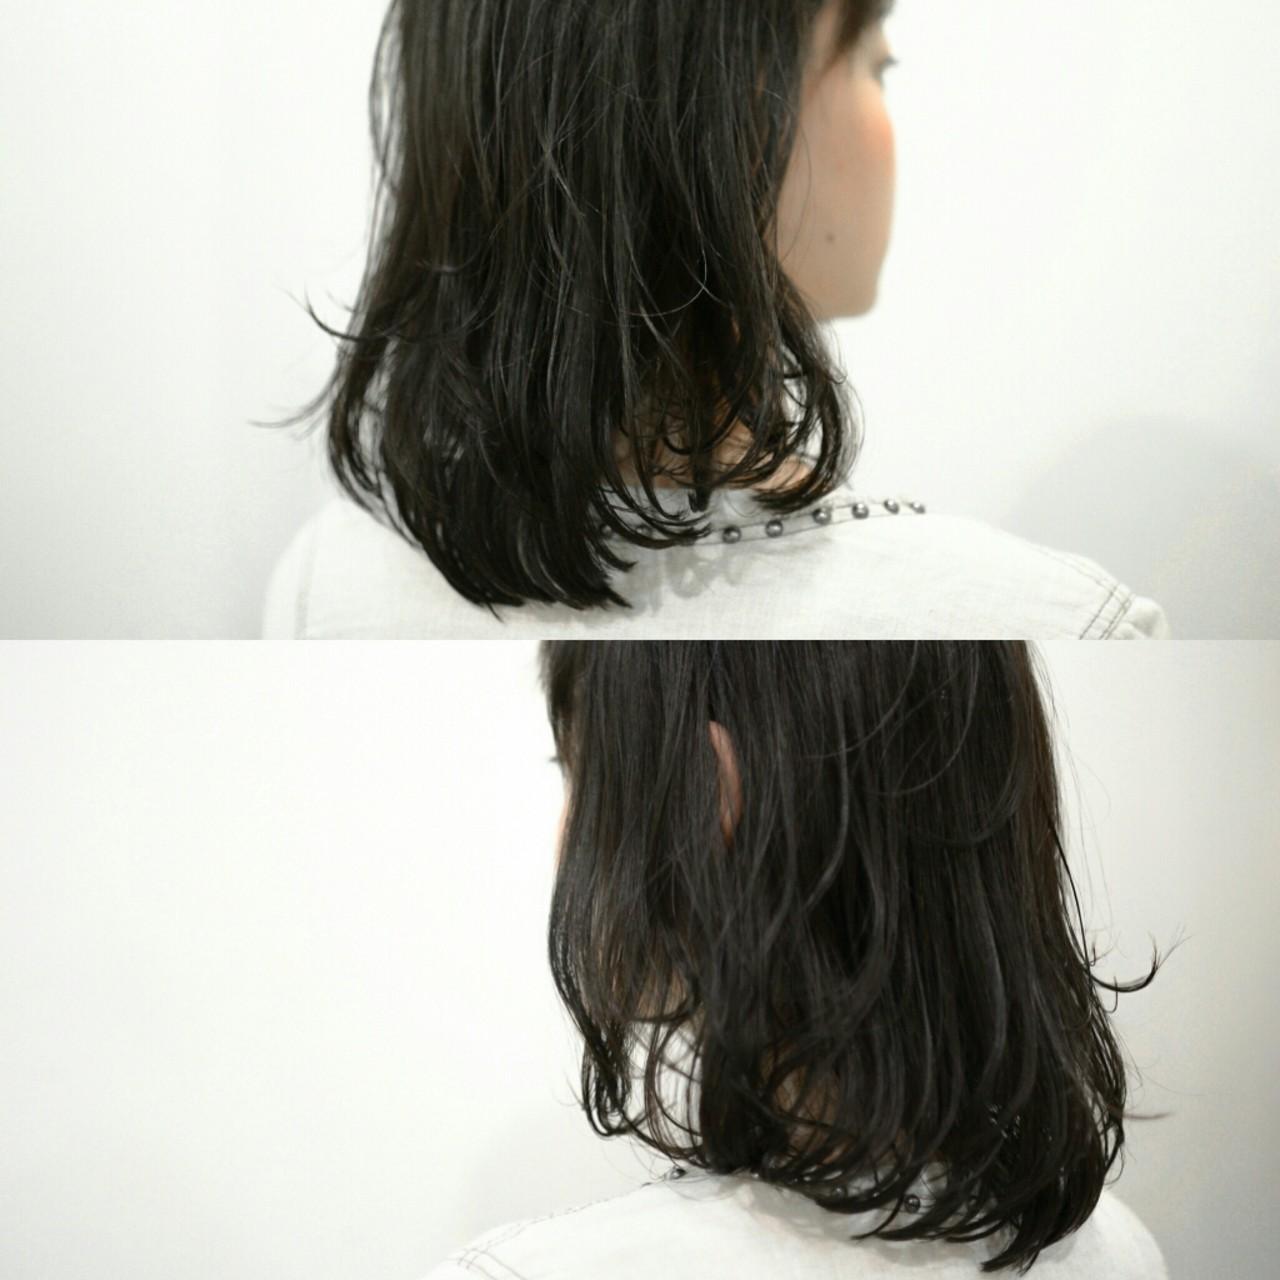 ふわふわ アッシュ ニュアンス 前髪ありヘアスタイルや髪型の写真・画像